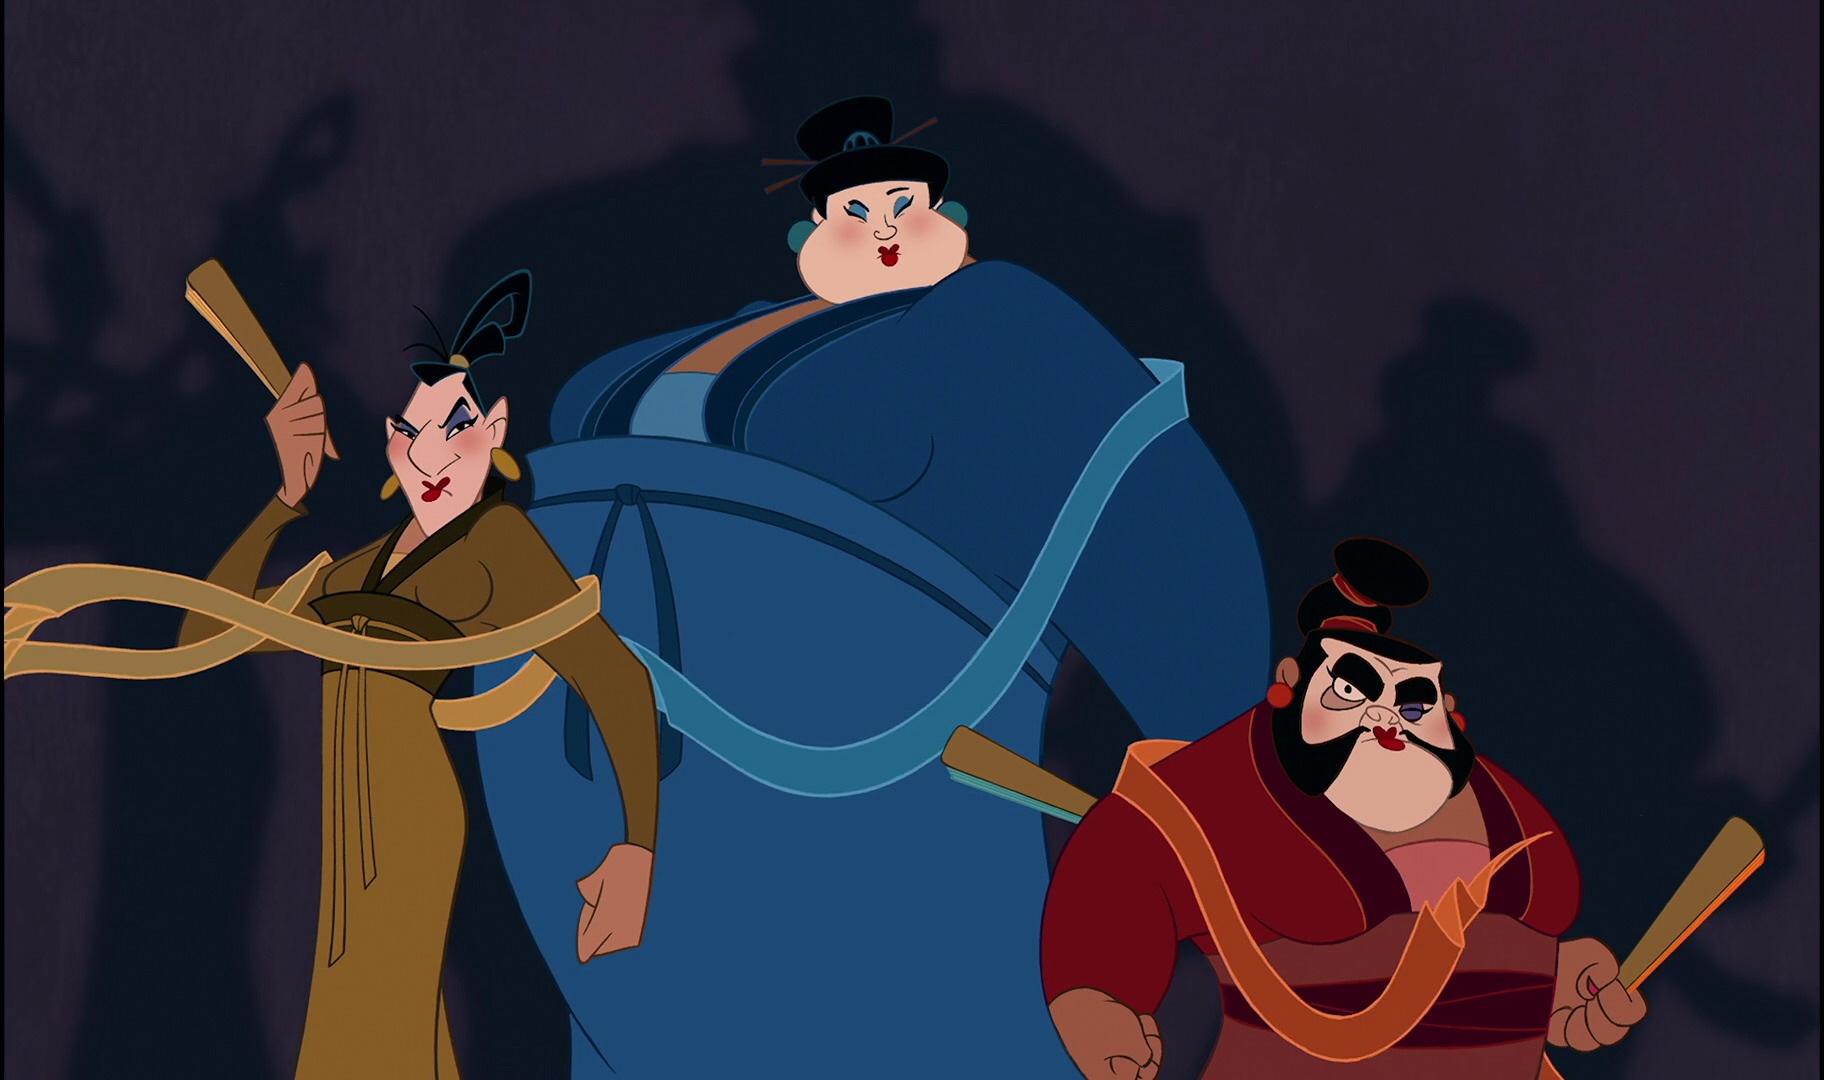 Mulan-disneyscreencaps.com-8297.jpg